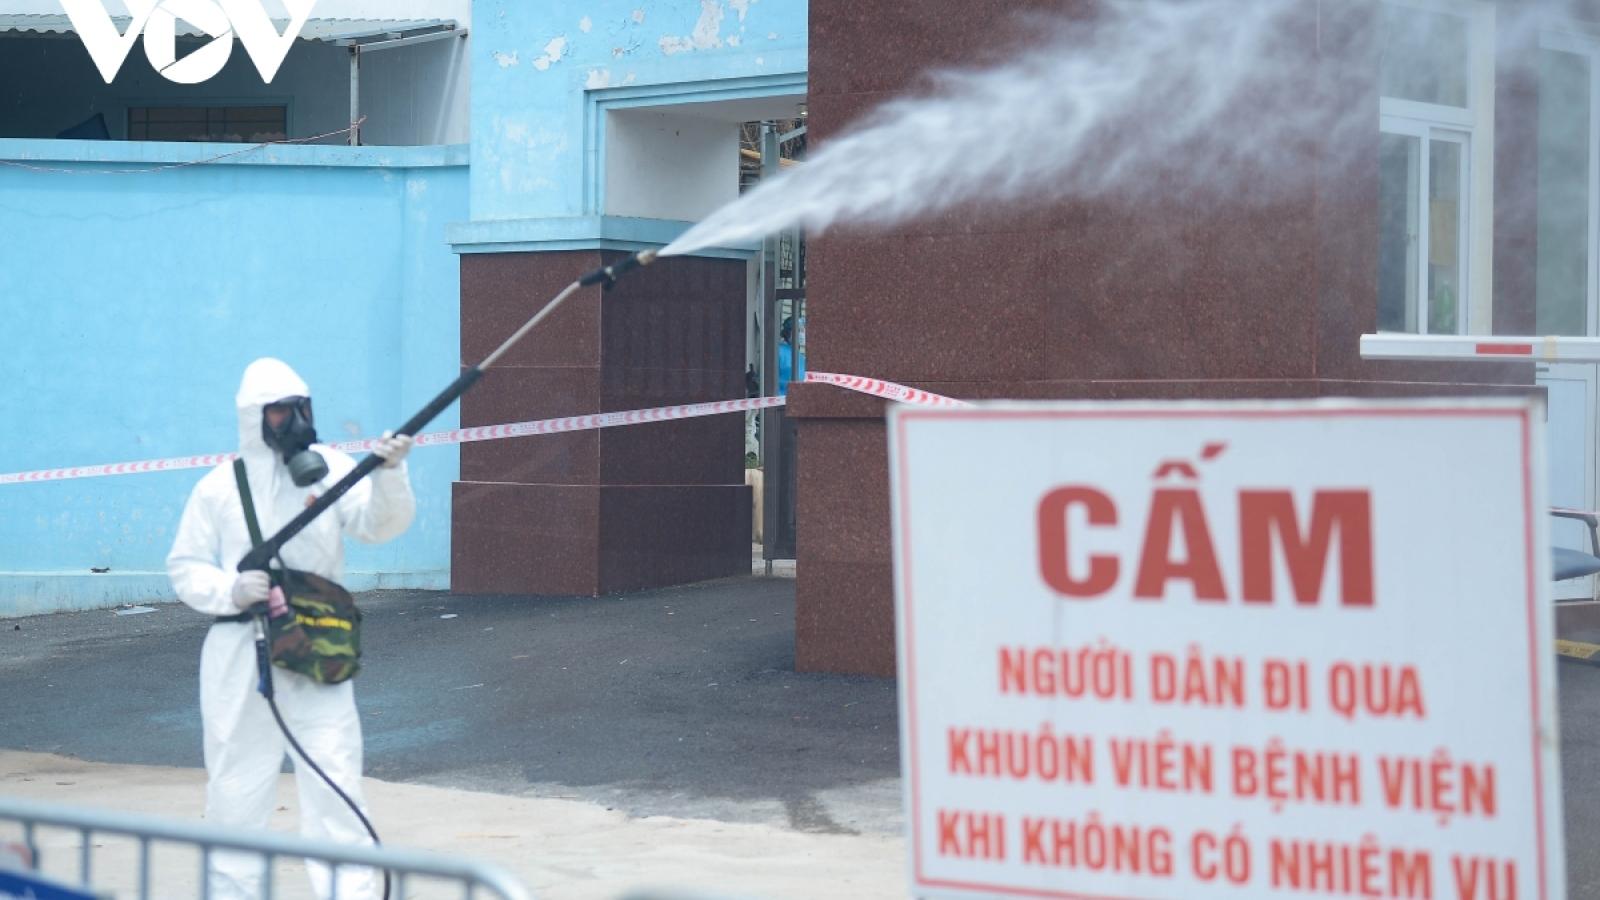 PGS.TS Lương Ngọc Khuê: Dịch diễn biến phức tạp, tăng cường bảo đảm an toàn cho bệnh viện